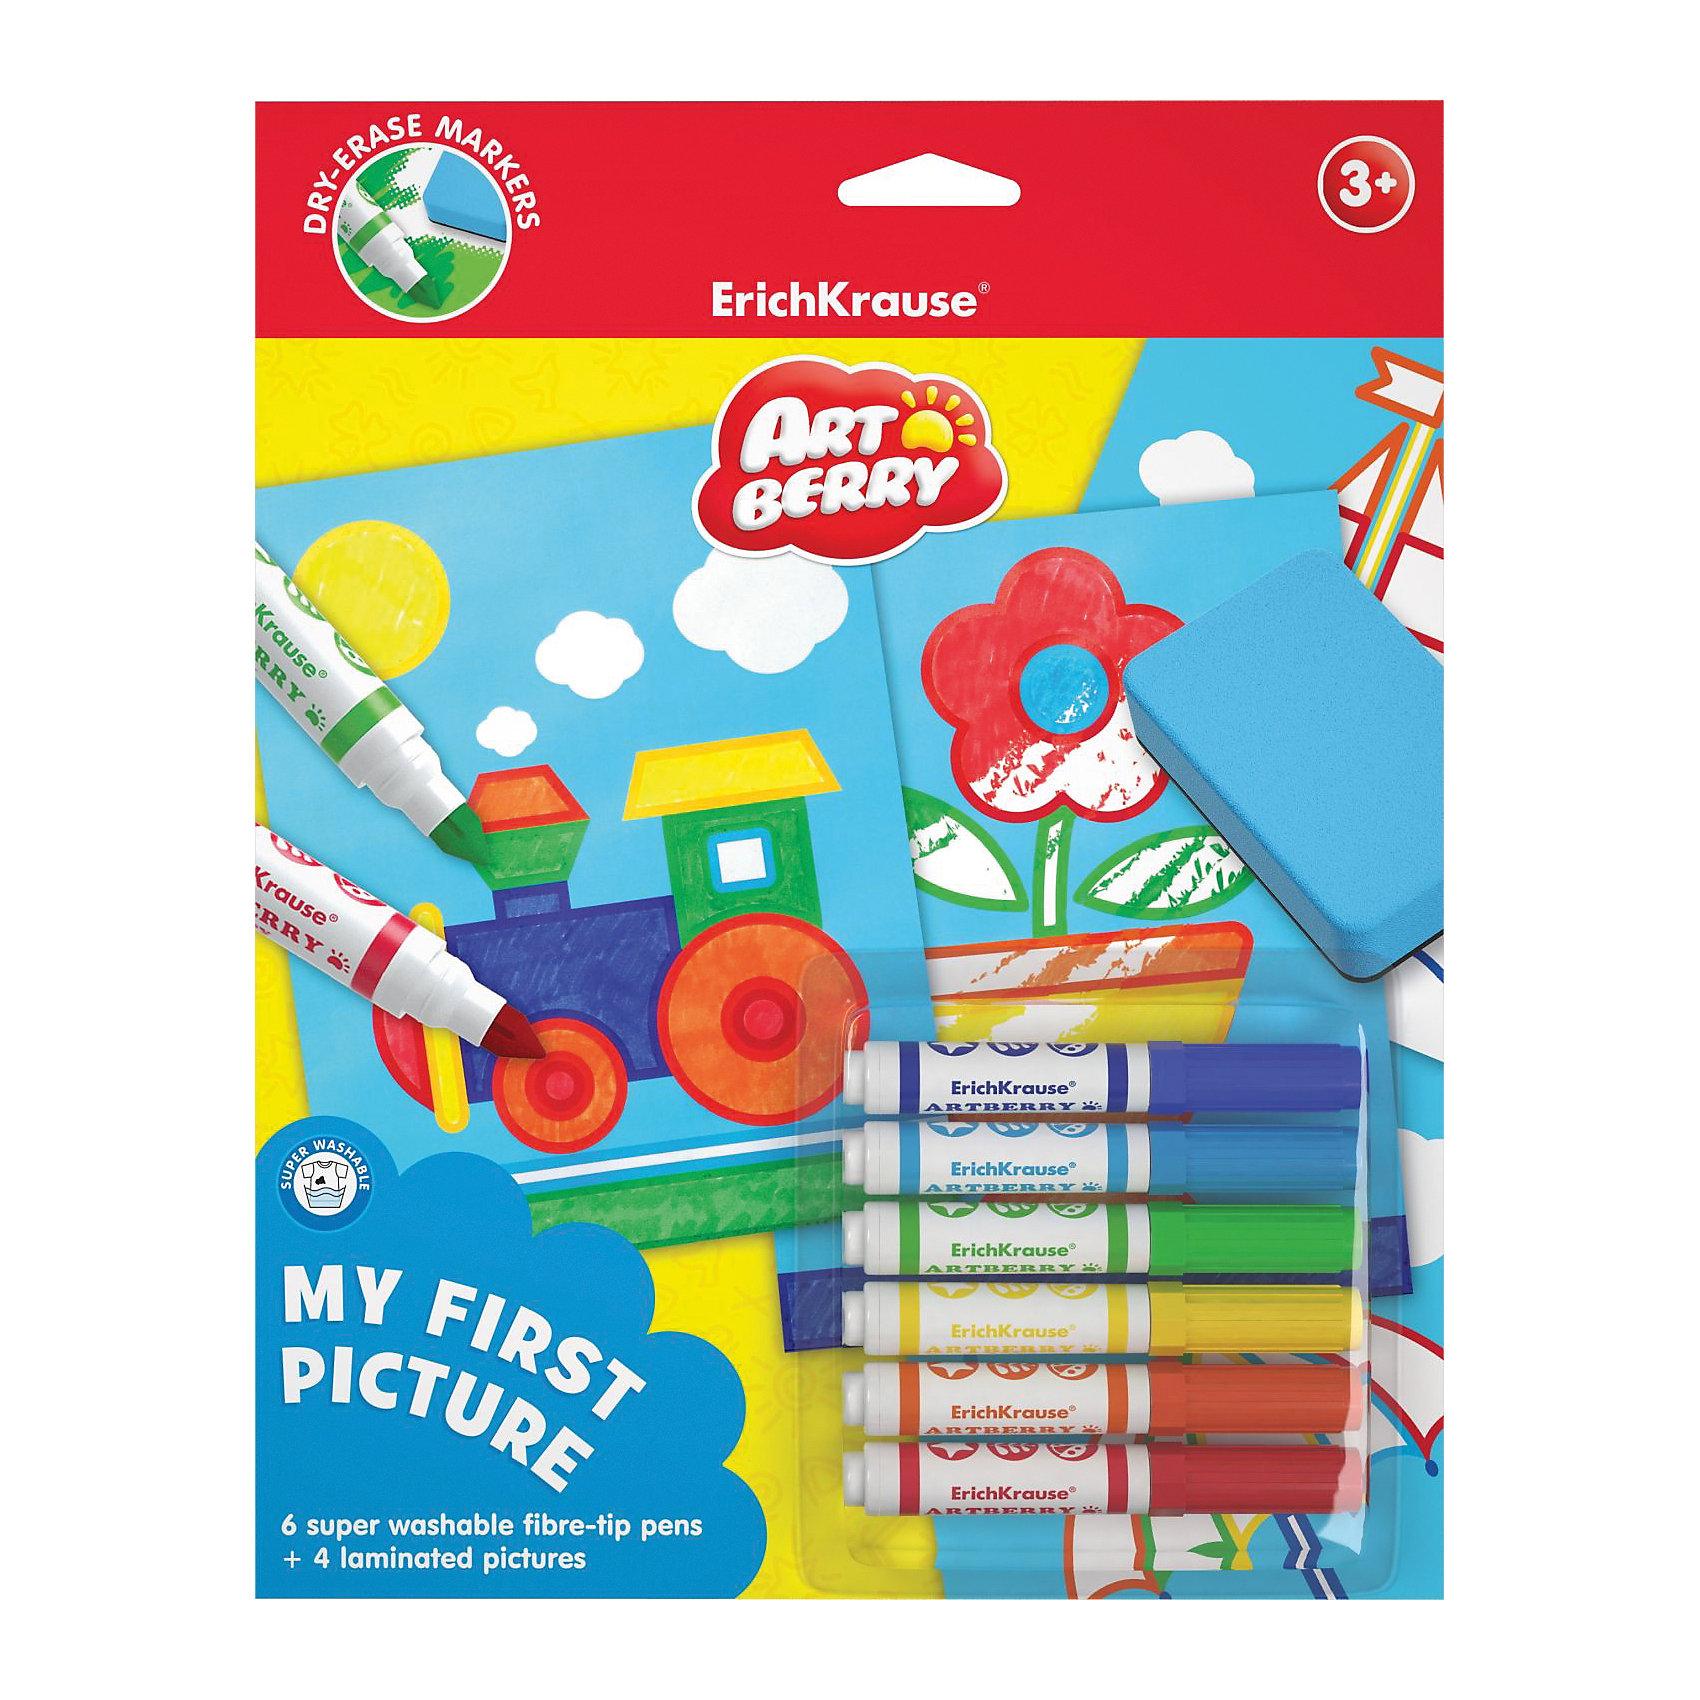 Набор Моя первая картина (10 предметов), ArtberryНабор Моя первая картина (10 предметов), Artberry (Артберри)  предназначен для малышей, которые начинают знакомиться с рисованием. Предлагаются 4 шаблона с контурными рисунками, задача ребенка – аккуратно раскрасить картинку, соотнося номер цвета на шаблоне и корпусе фломастеров. Шаблоны заламинированы, поэтому рисунки можно стирать сухой салфеткой и раскрашивать снова и снова. Раскрашивание по номерам развивает усидчивость, моторику пальцев, терпение и трудолюбие, а также знакомит с цифрами.<br><br>Комплектация: 6 разноцветных фломастеров, 4 шаблона с контурами рисунков<br><br>Дополнительная информация:<br>-Вес в упаковке: 188 г<br>-Размеры в упаковке: 290х230х10 мм<br>-Материалы: <br><br>Набор для раскраски «Моя первая картина» станет отличным подарком, который будет способствовать раннему развитию творческих способностей Вашего малыша!<br><br>Набор Моя первая картина (10 предметов), Artberry (Артберри) можно купить в нашем магазине.<br><br>Ширина мм: 290<br>Глубина мм: 230<br>Высота мм: 10<br>Вес г: 188<br>Возраст от месяцев: 36<br>Возраст до месяцев: 144<br>Пол: Унисекс<br>Возраст: Детский<br>SKU: 4058315